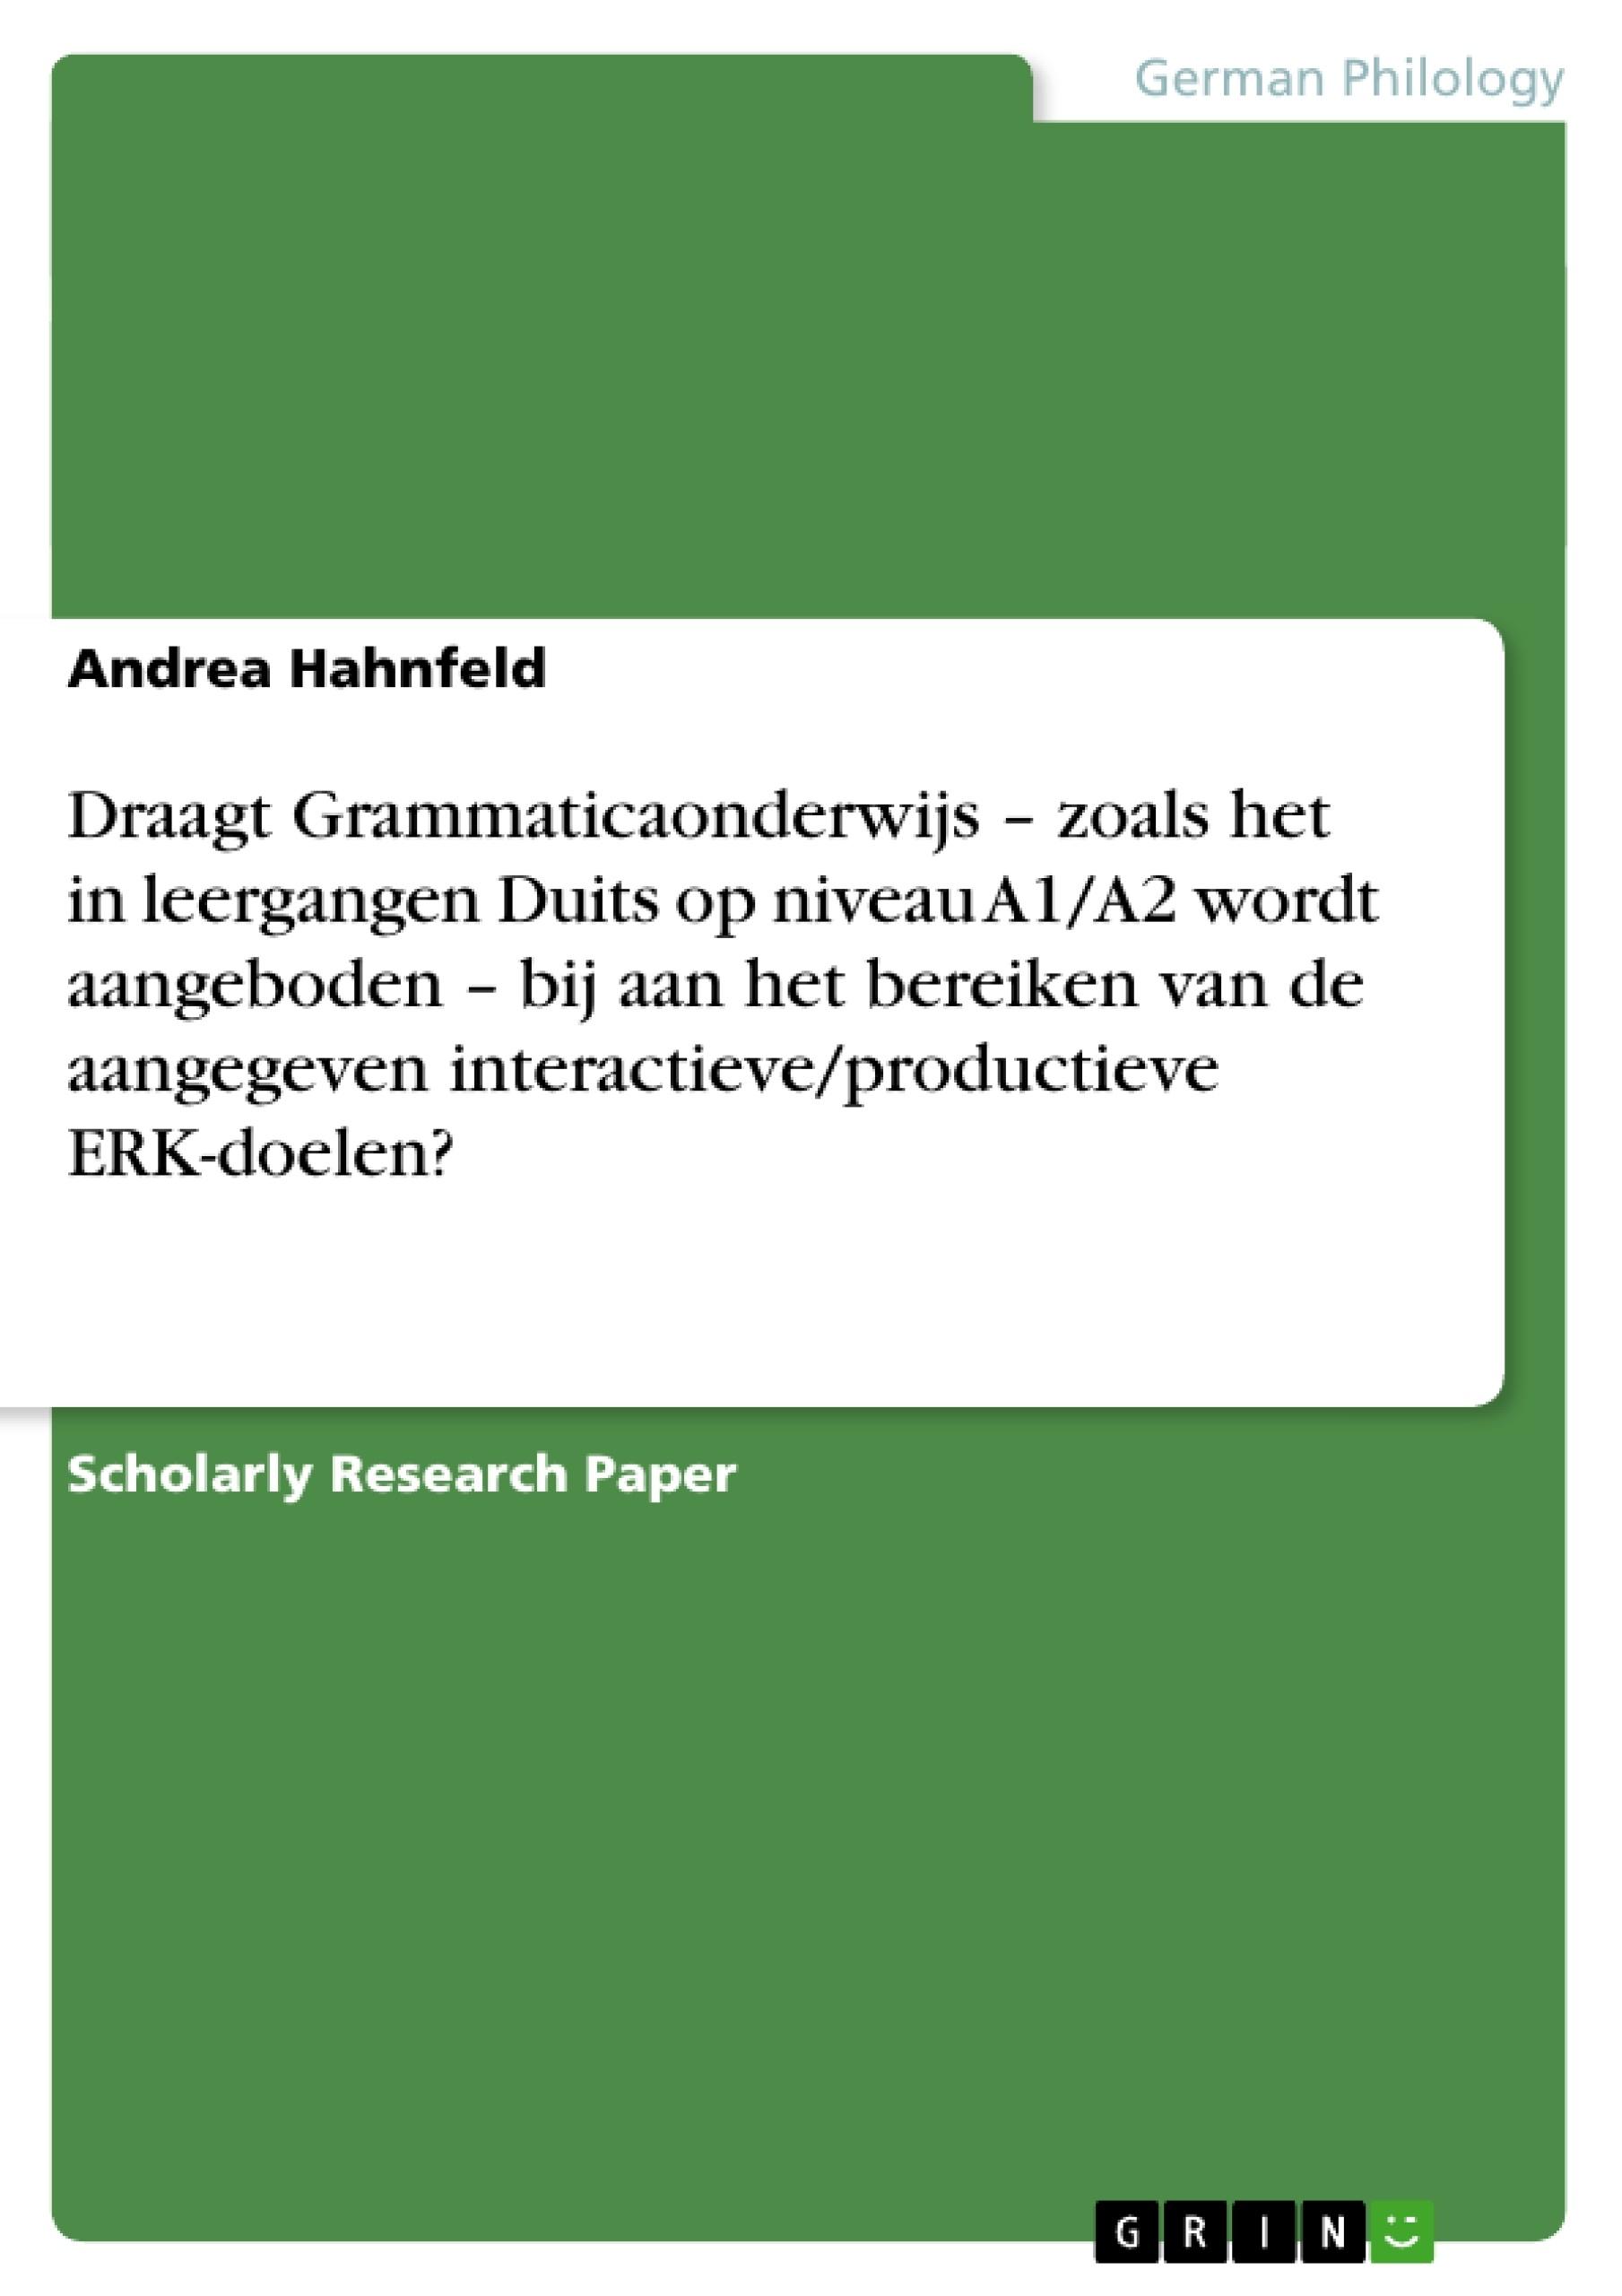 Title: Draagt Grammaticaonderwijs – zoals het in leergangen Duits op niveau A1/A2 wordt aangeboden – bij aan het bereiken van de aangegeven interactieve/productieve ERK-doelen?